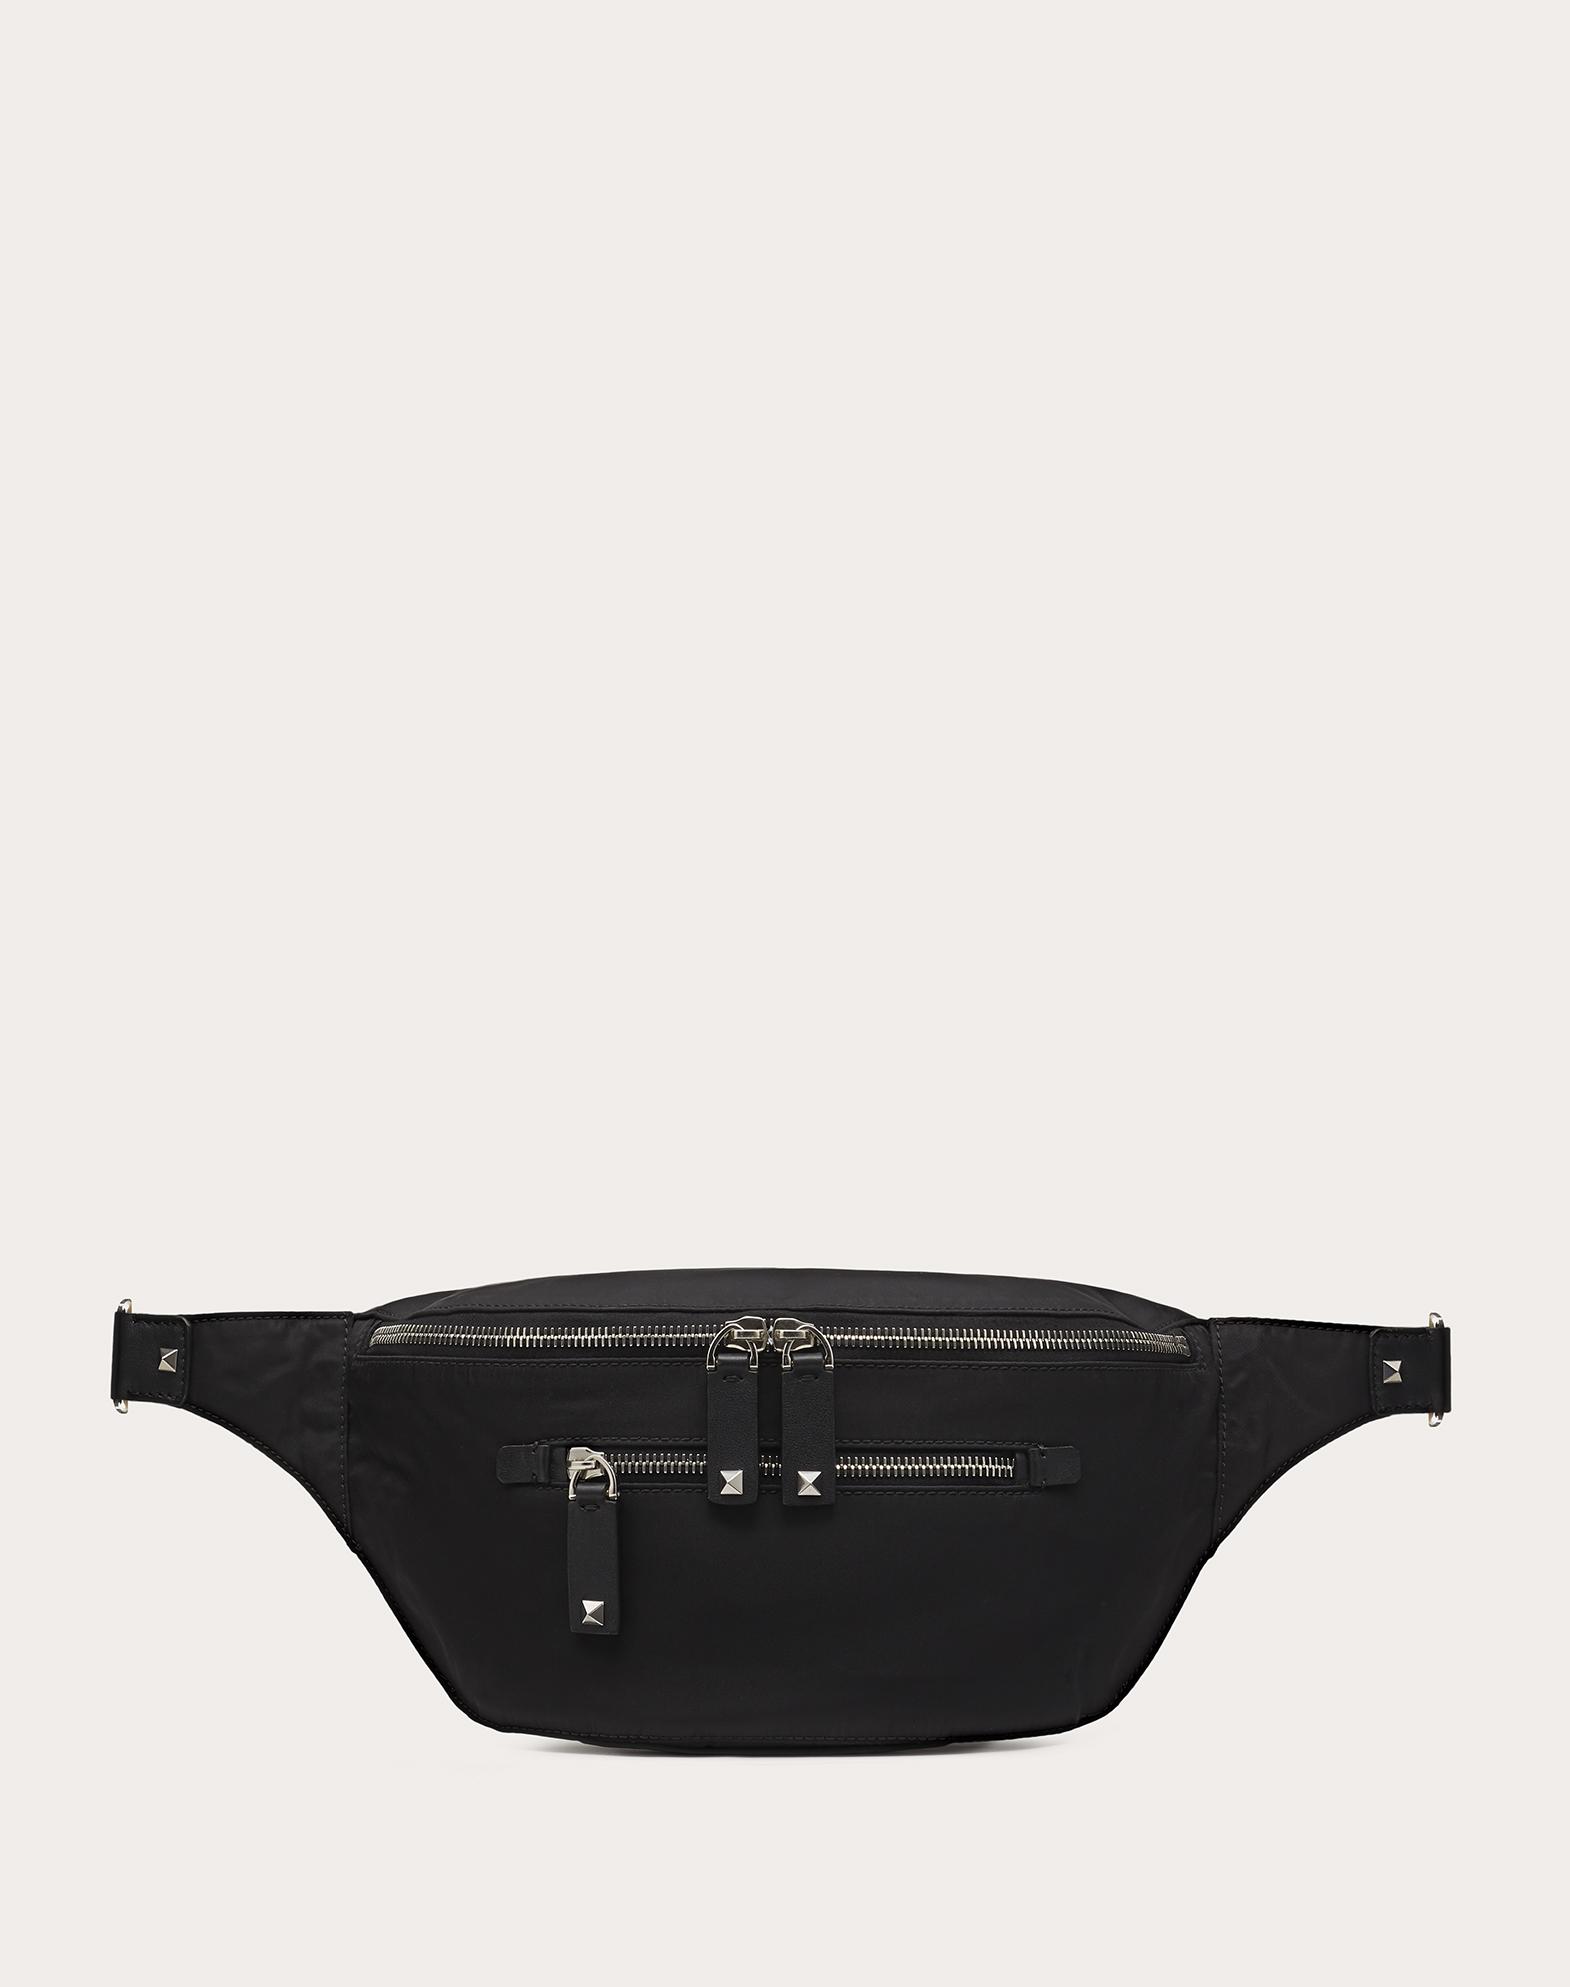 Nylon Belt Bag with VLTN Straps